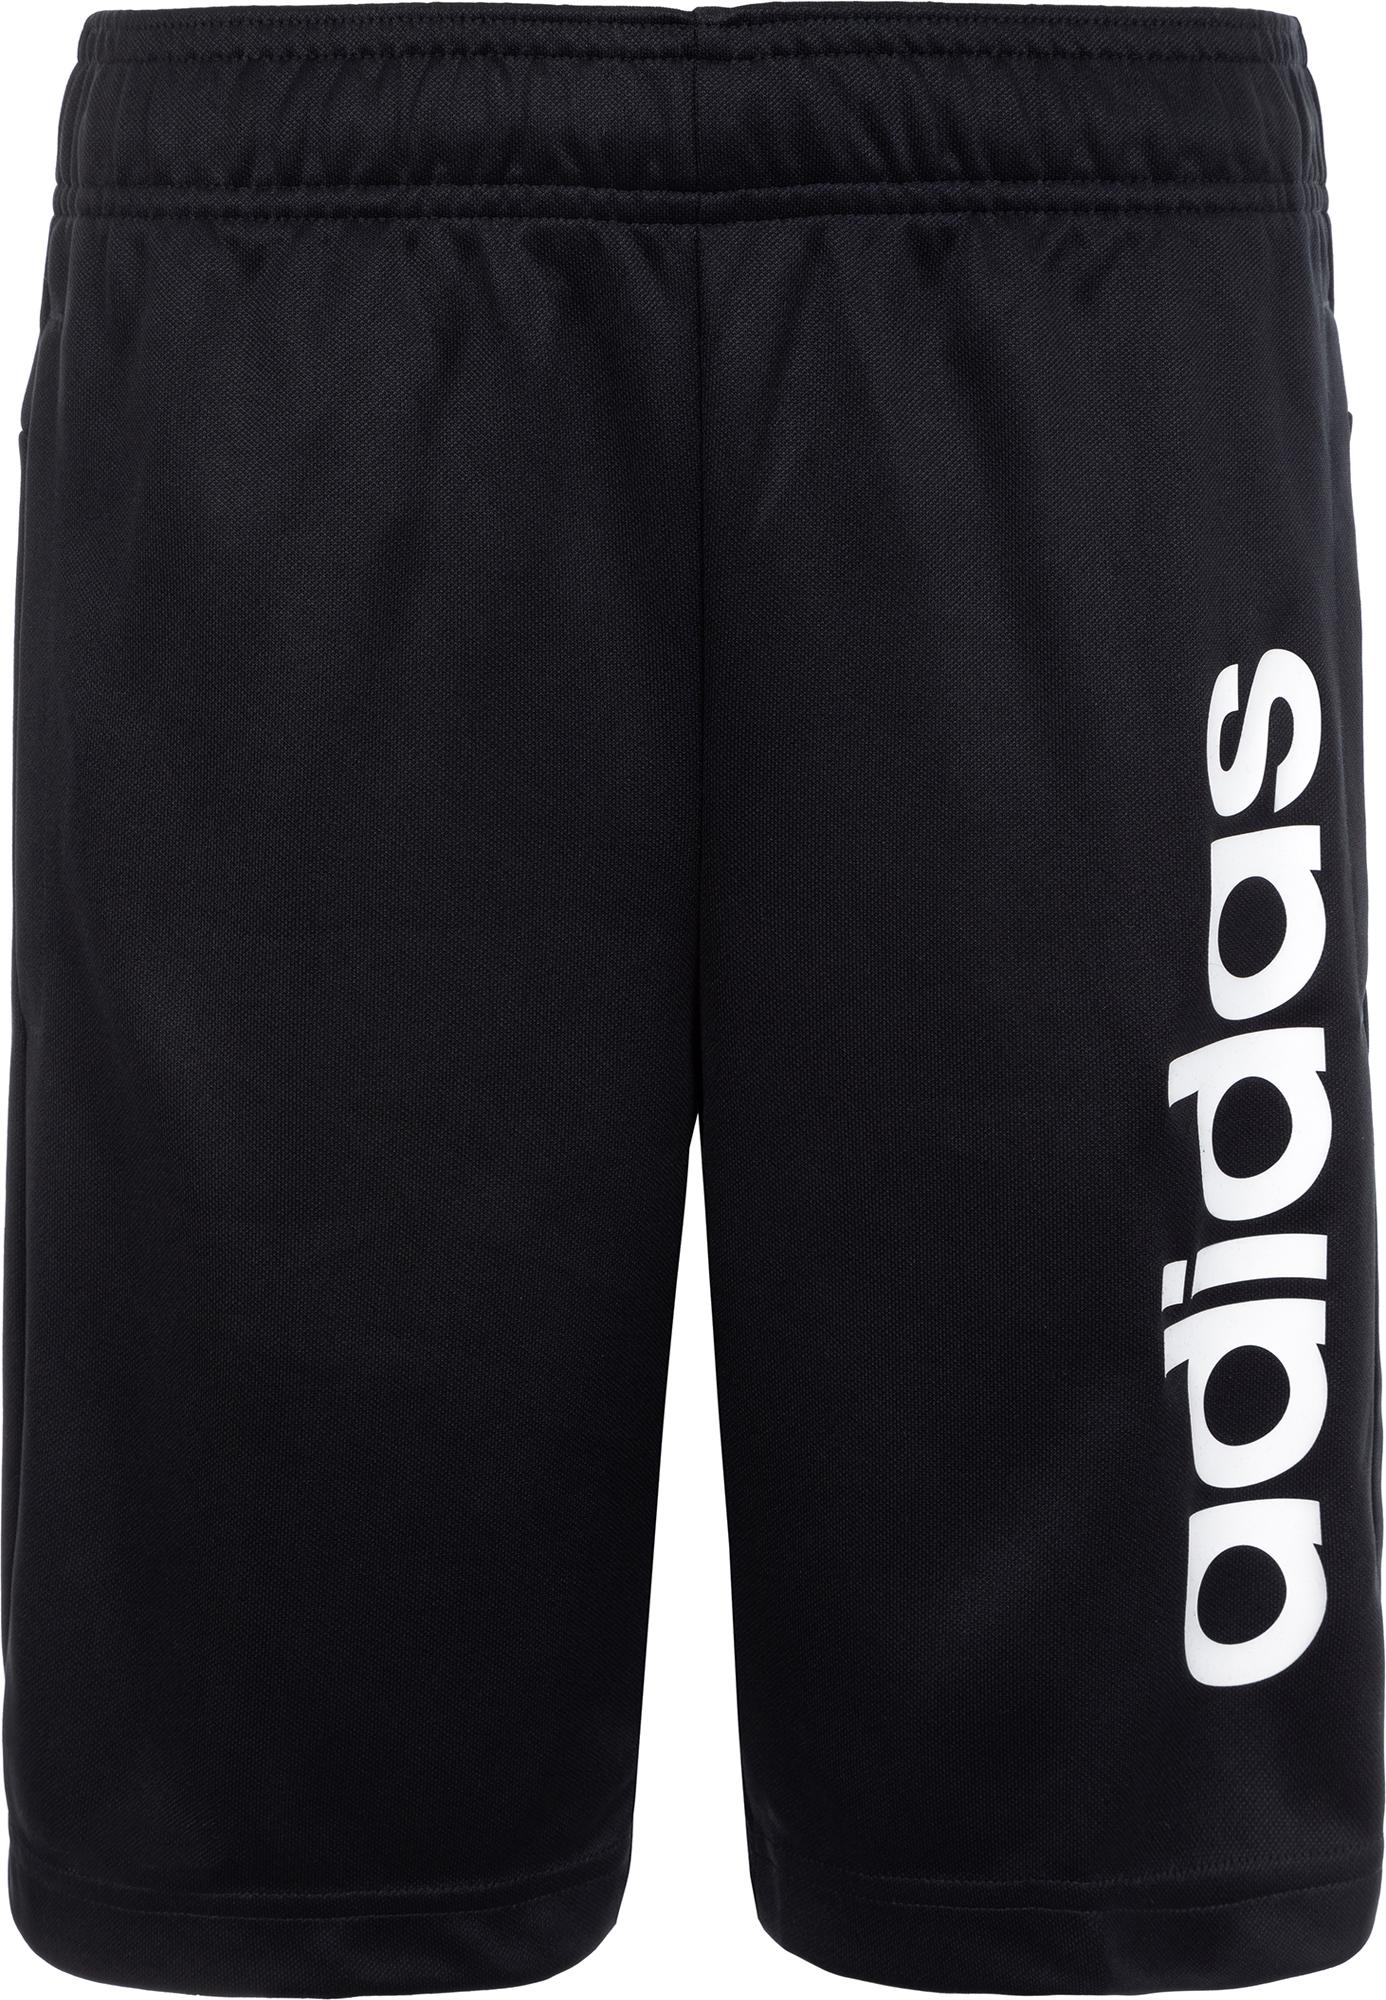 Adidas Шорты для мальчиков Adidas, размер 164 шорты для мальчика adidas tiro17 wov shoy цвет черный ay2892 размер 128